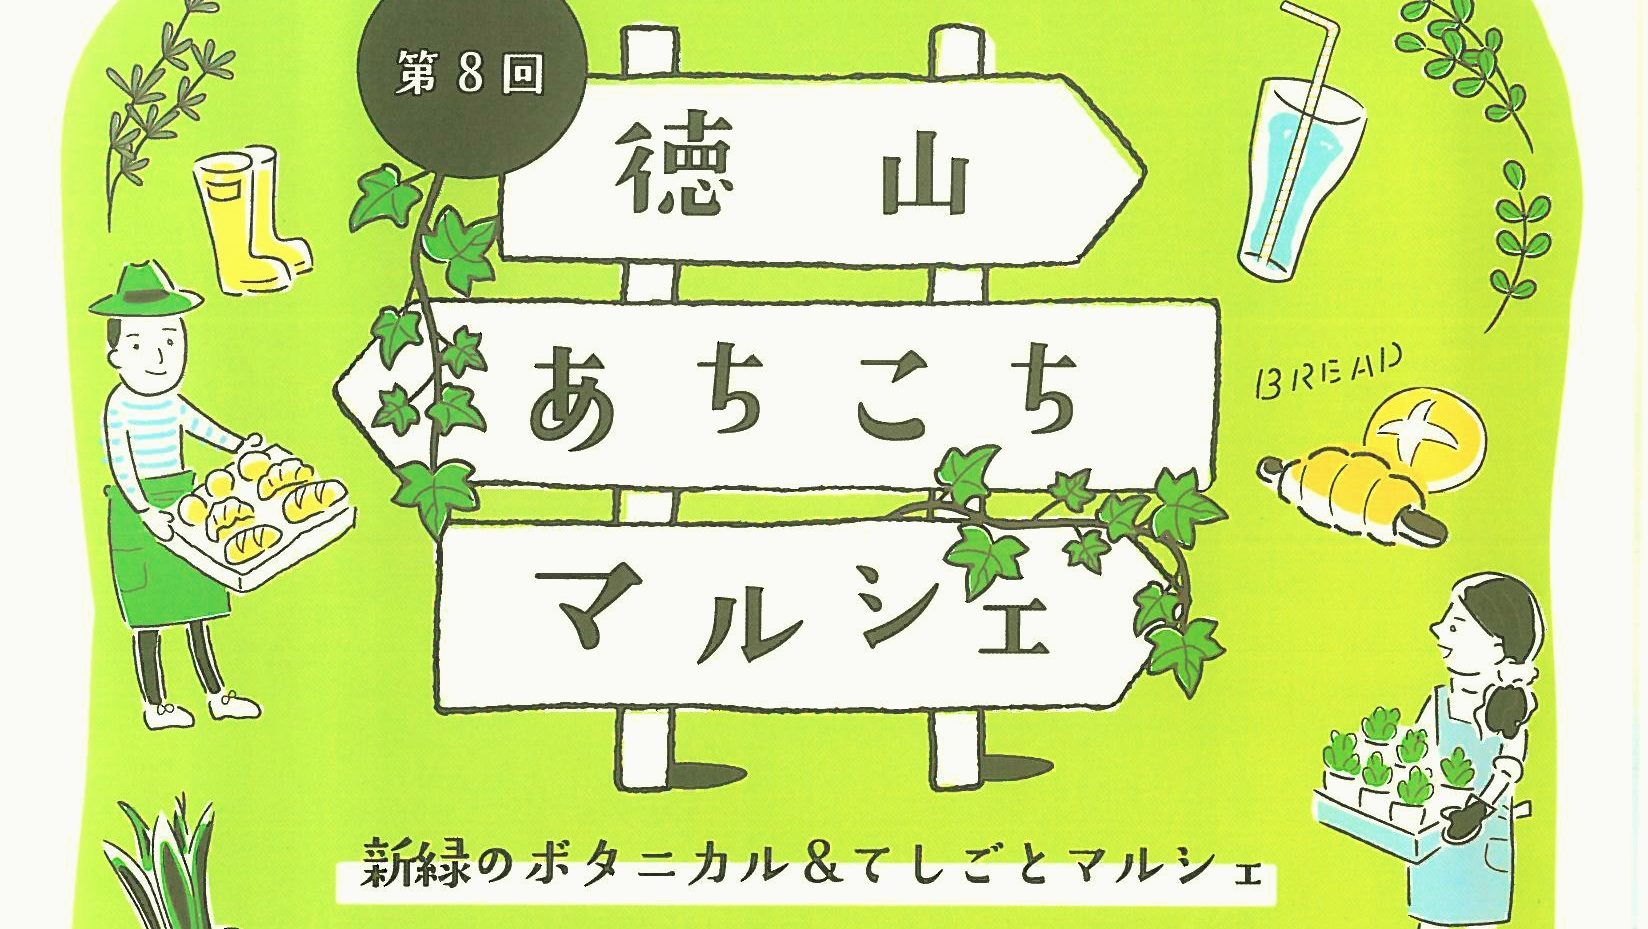 第8回徳山あちこちマルシェ開催!今回のテーマは「新緑のボタニカル&てしごと」